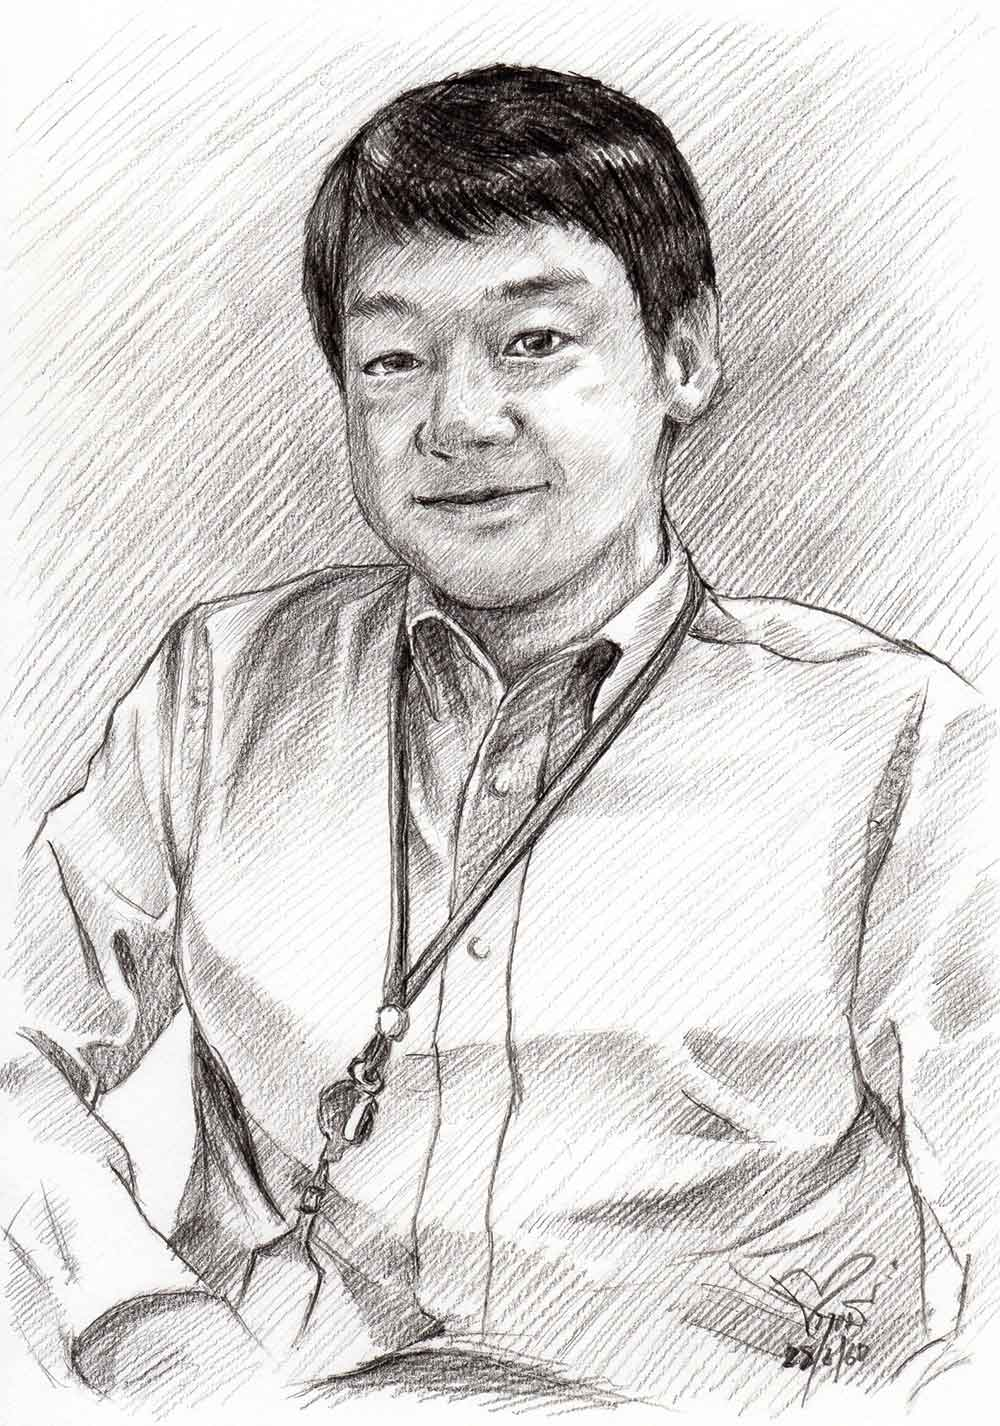 Drawing-Portrait-วาดภาพเหมือน-วาดภาพลายเส้น-วาดเส้นดรออิ้งผู้ชาย